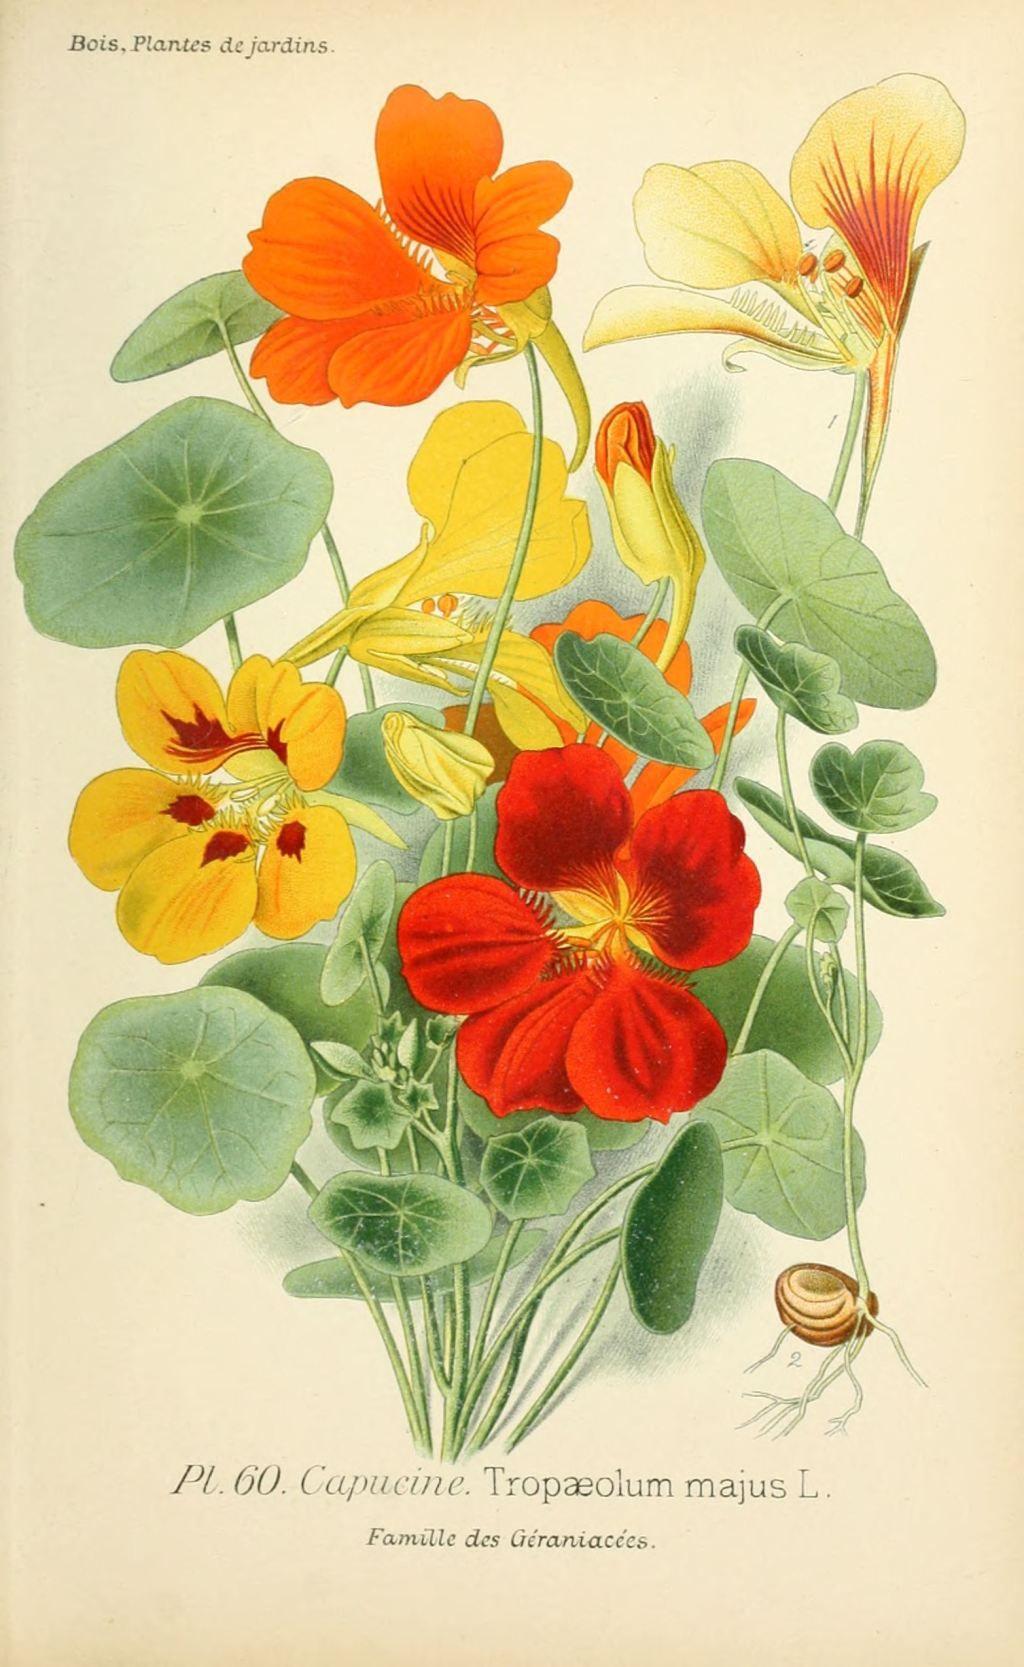 Img Dessins Plantes Et Fleurs Jardins Et Appartements Dessin